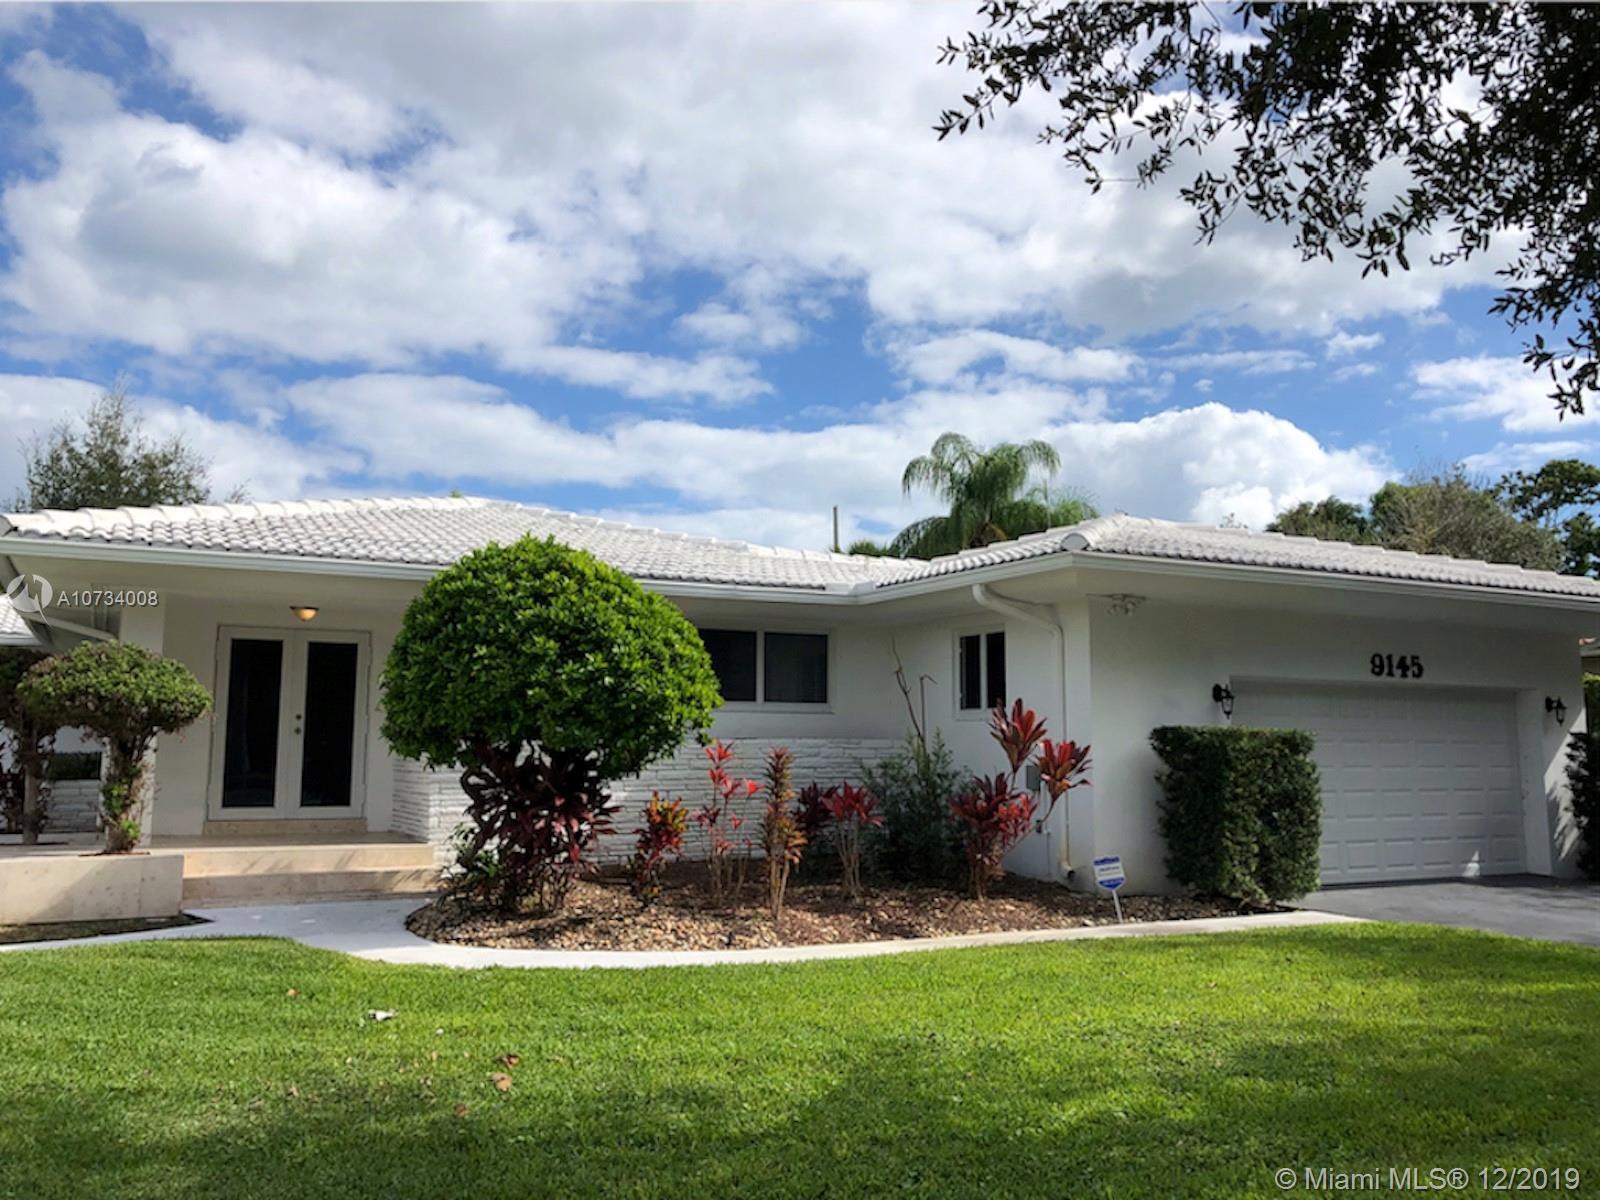 9145 N Miami Ave, Miami Shores, FL 33150